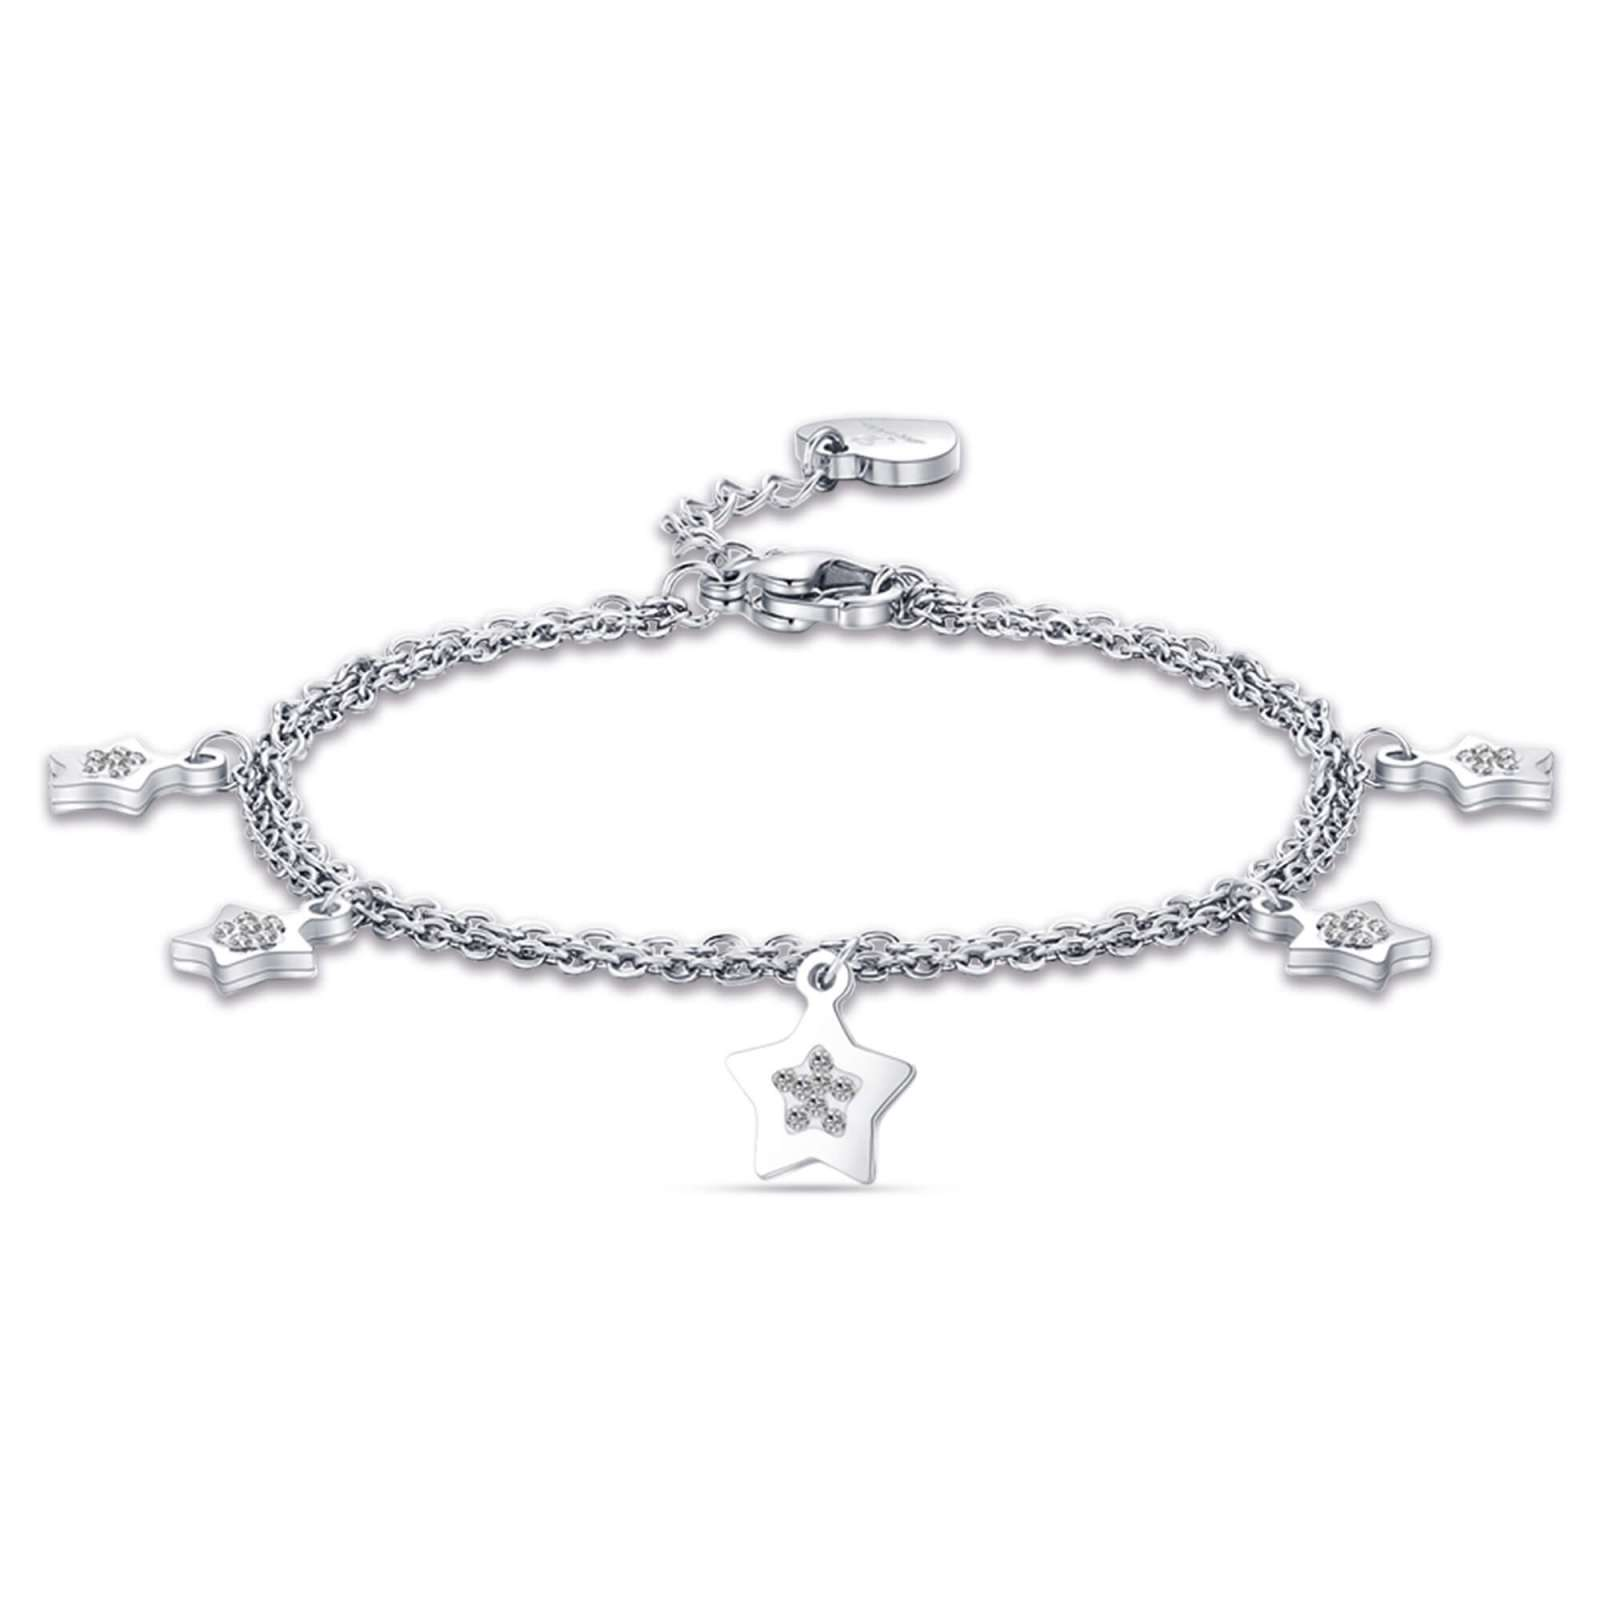 Luca Barra - Bracciale in acciaio con stelle e cristalli bianchi